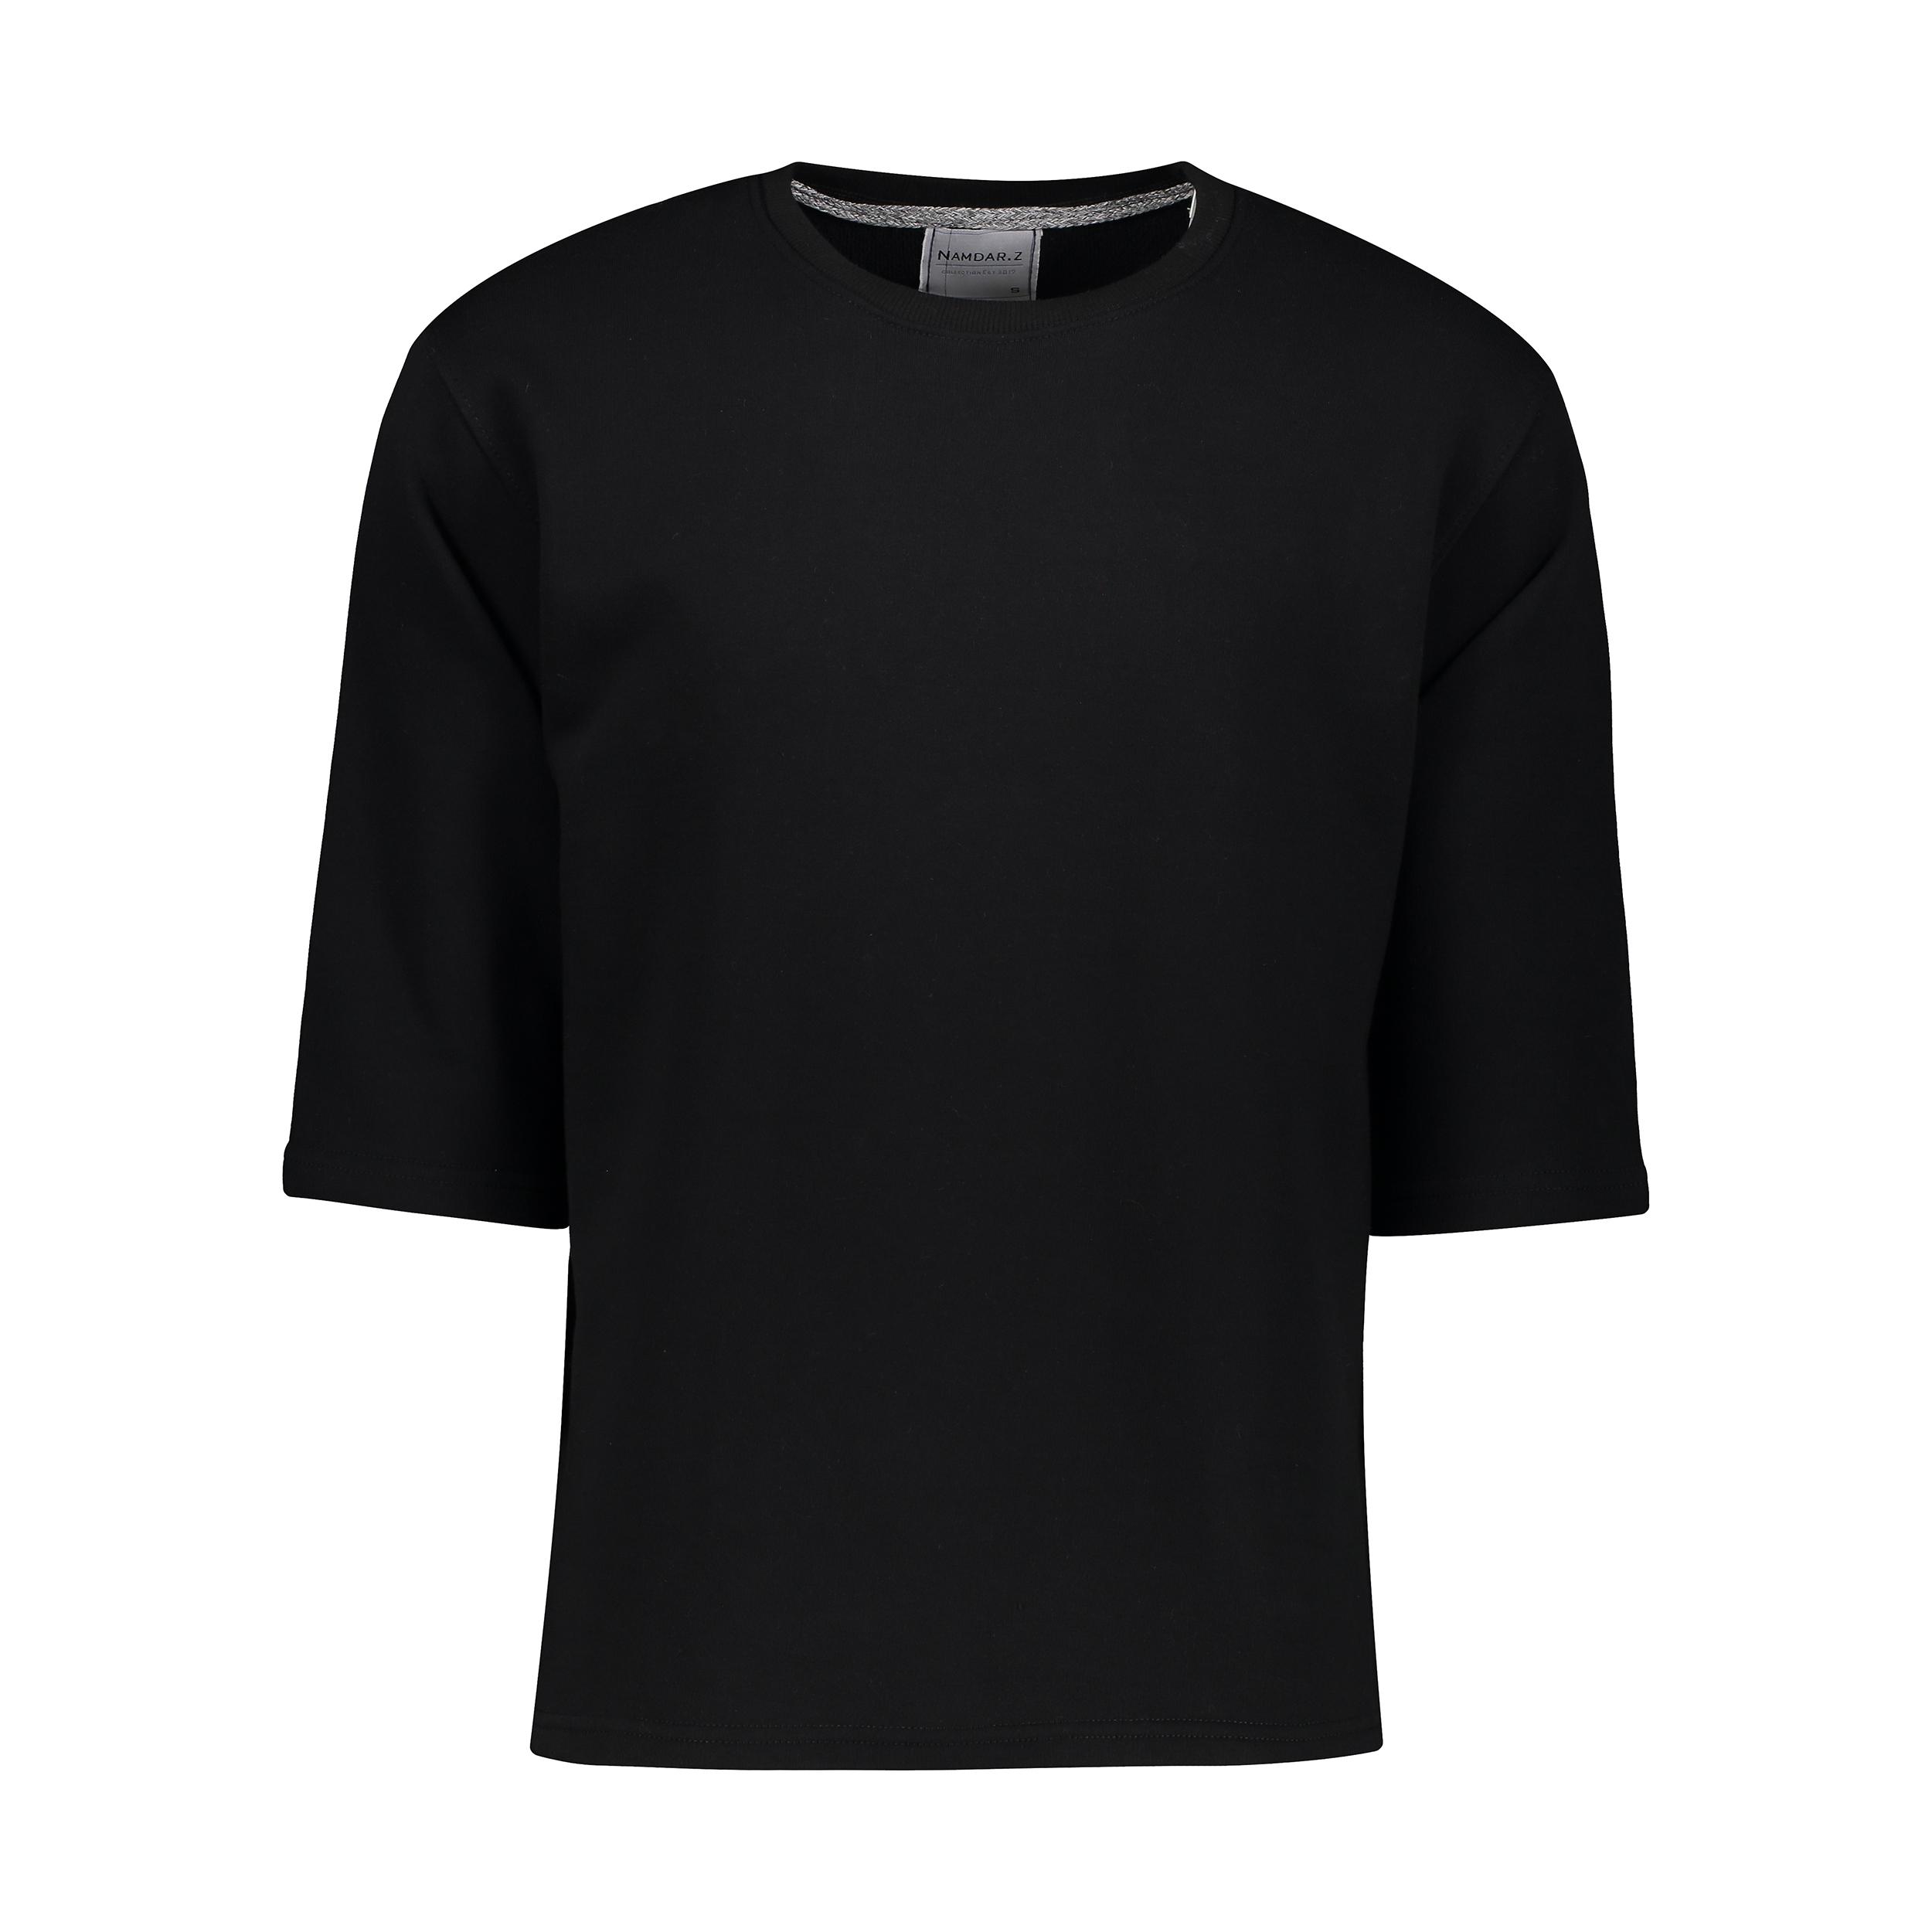 تی شرت مردانه نامدارز کد 810